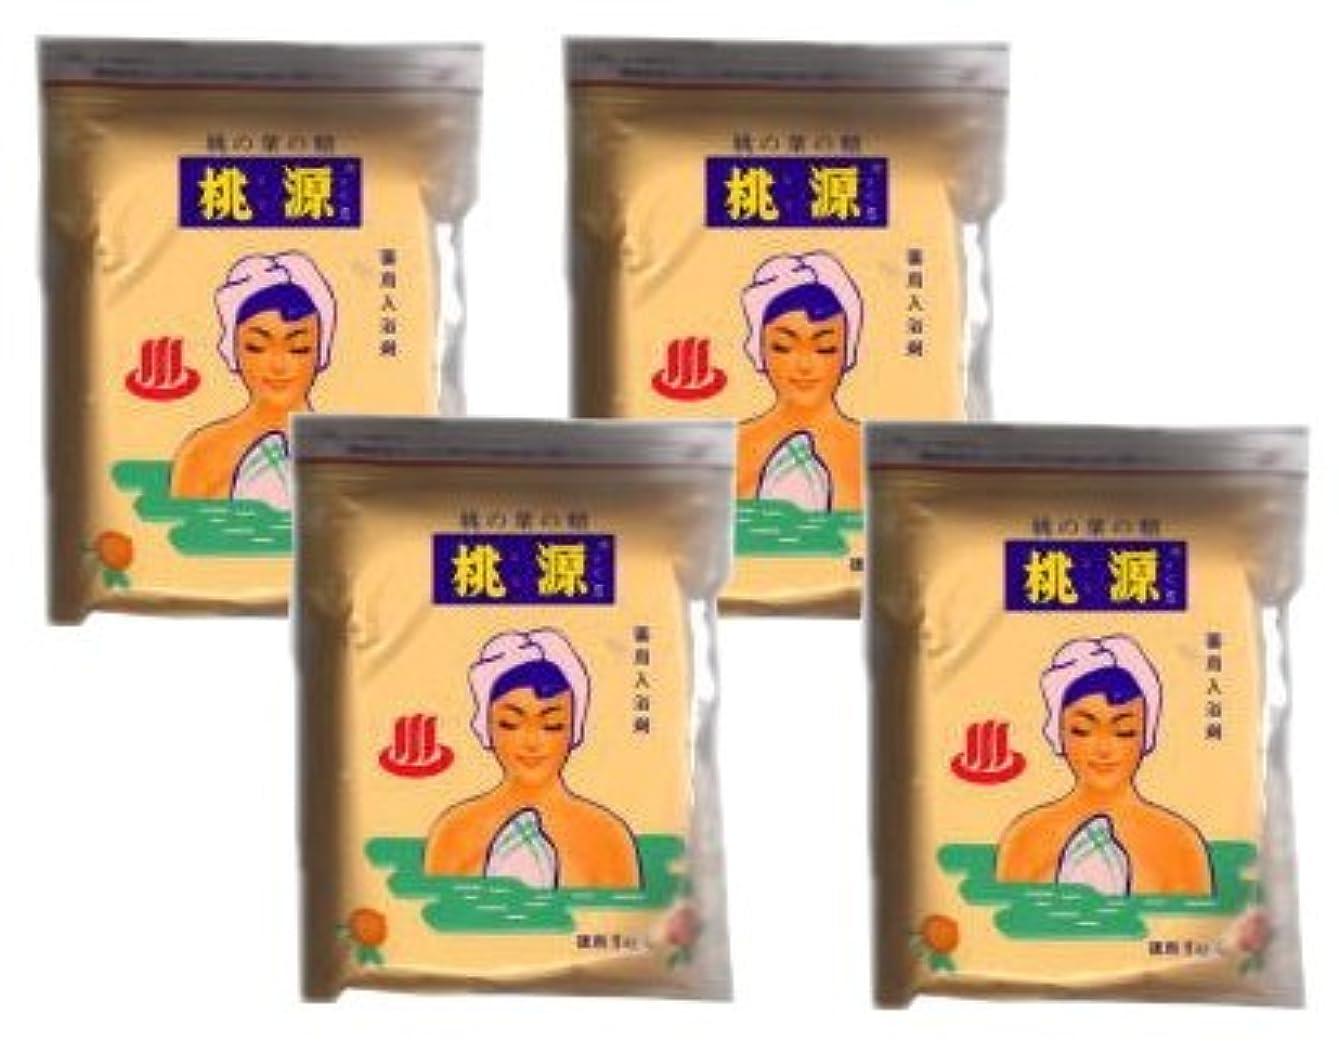 多くの危険がある状況バスタブ貫通桃源S 桃の葉の精 1000g 袋入り 4袋 (とうげん)